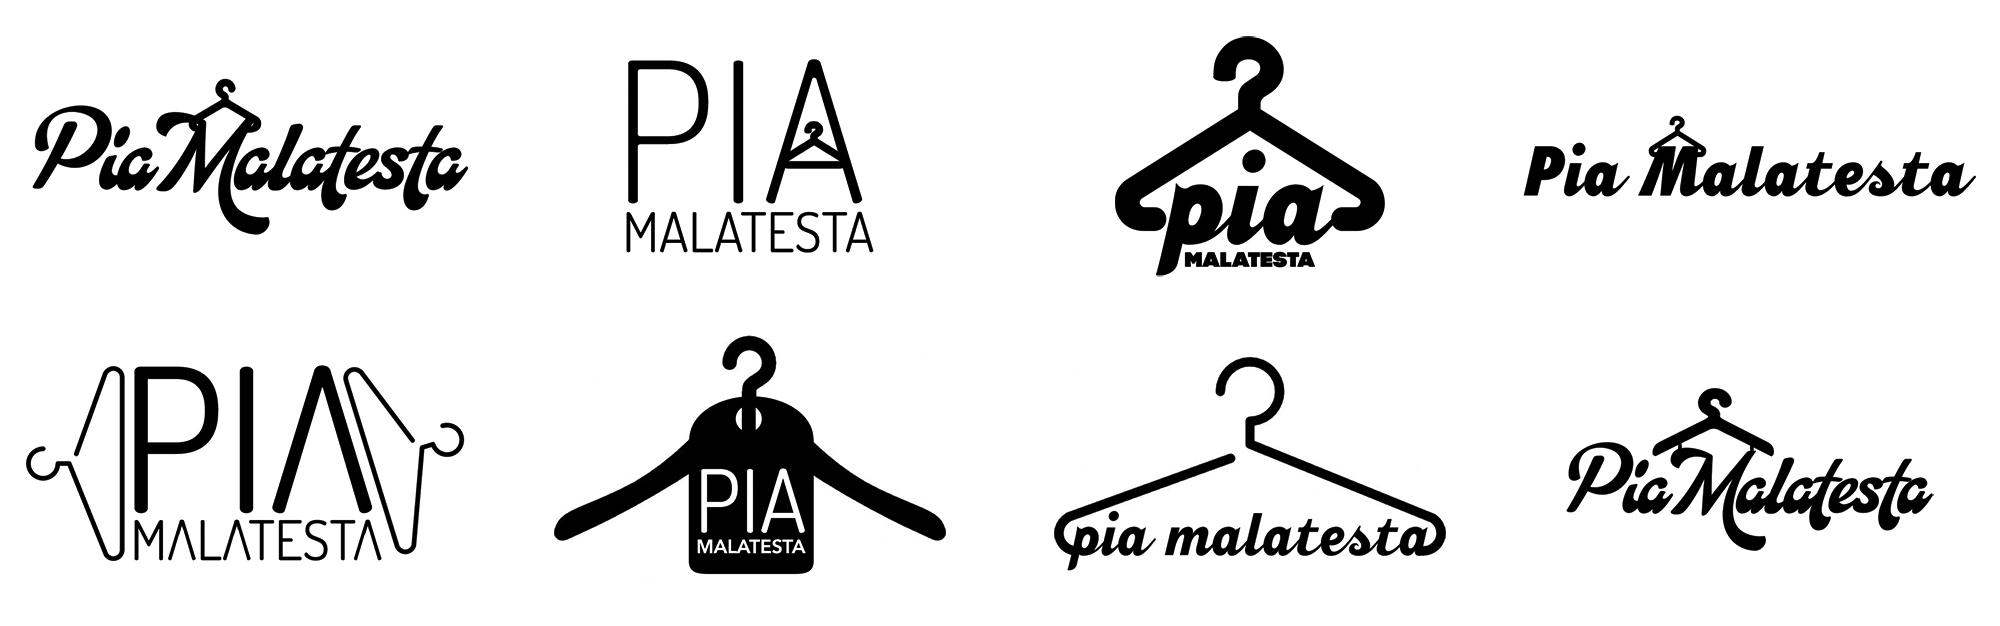 Pia Malatesta